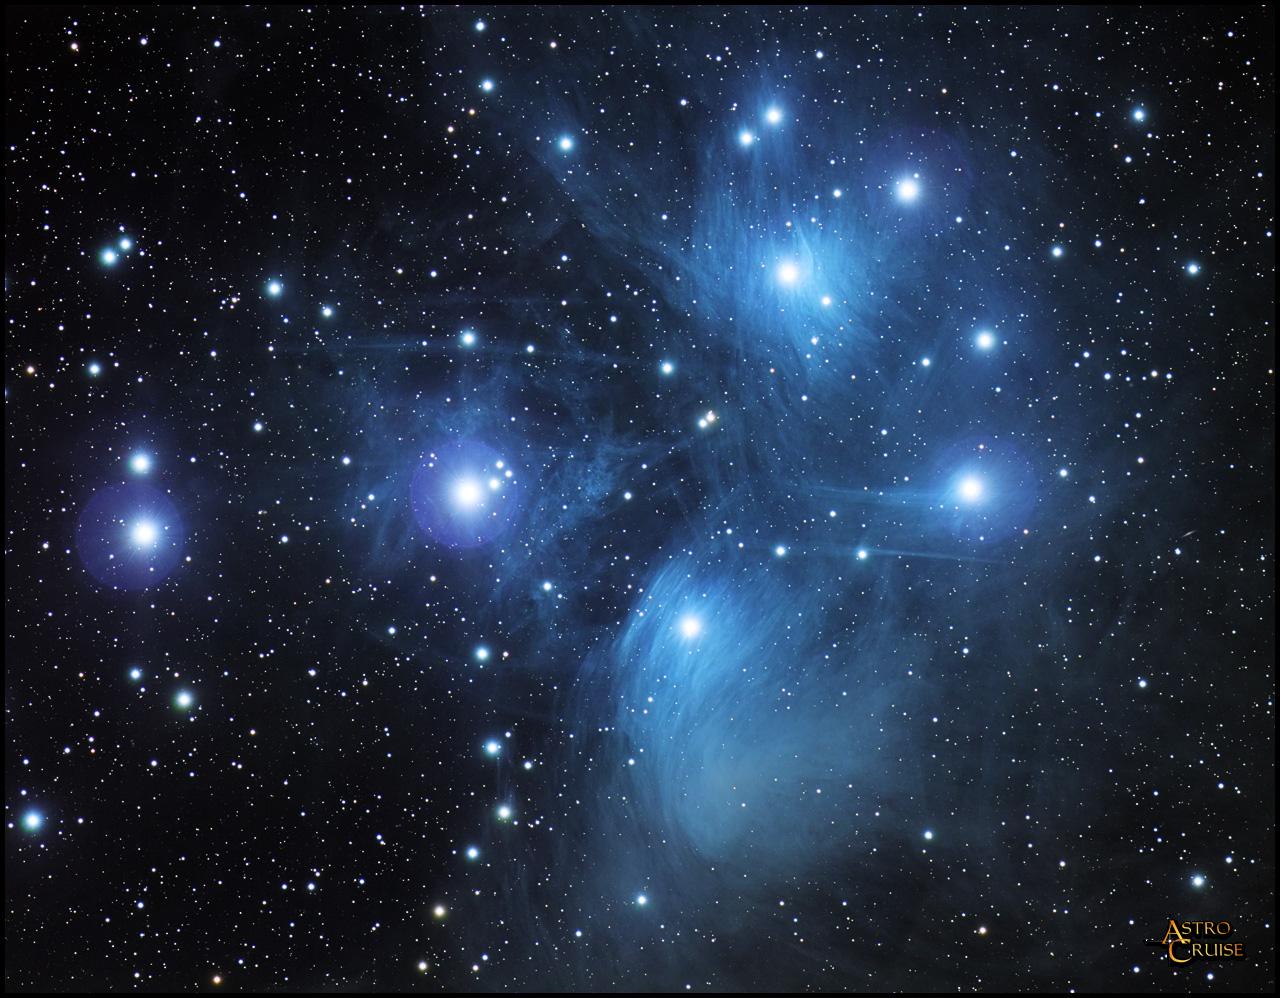 Pleiades - M45 - Seven Sisters